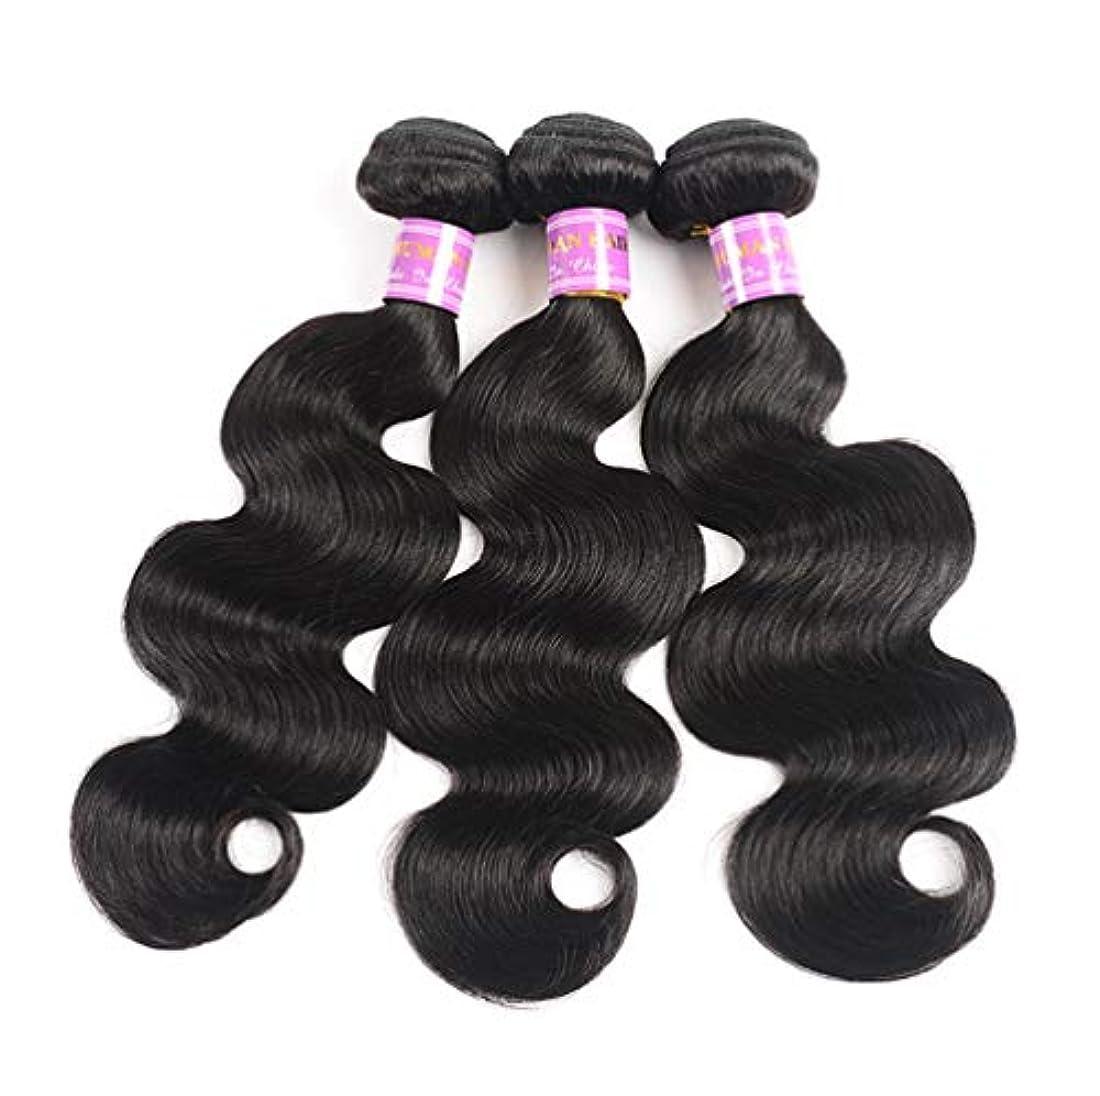 アクセス対称正確にブラジルのバージンの毛3は100%の加工されていない人間の毛髪の束自然な色のブラジルの毛延長毛を束ねます